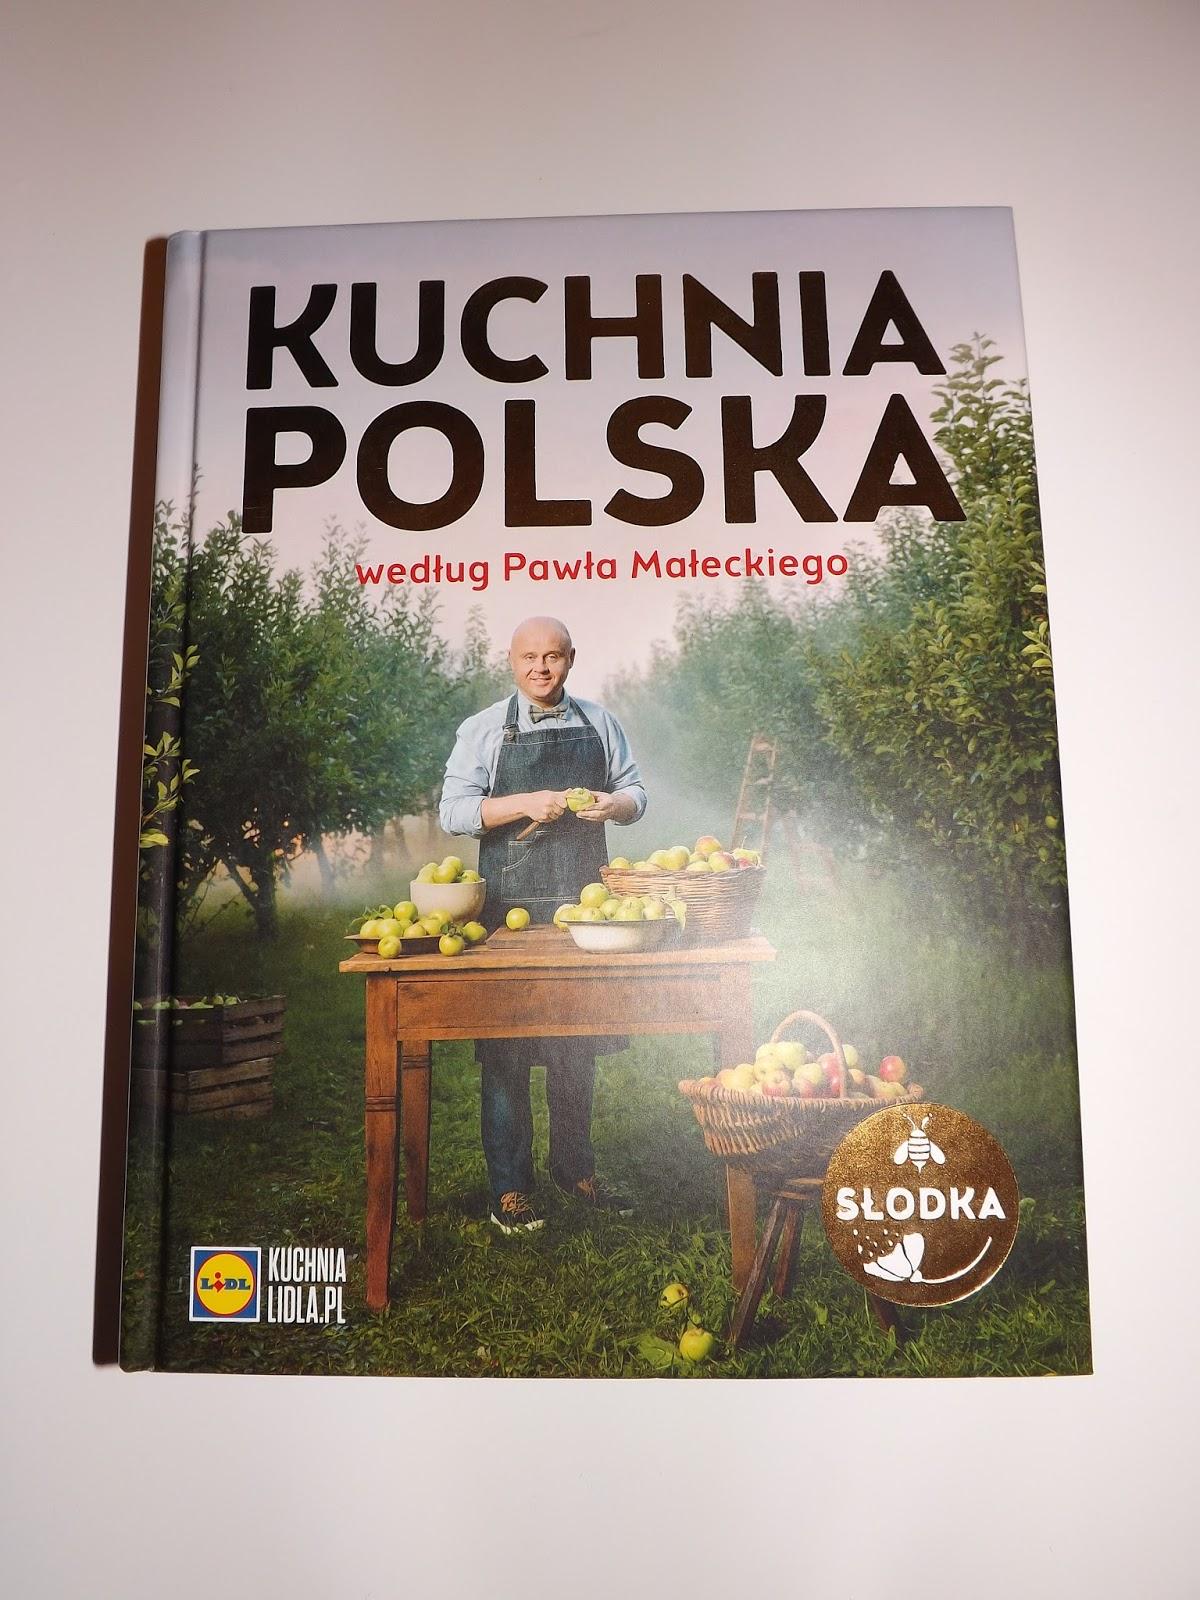 Recenzja Książki Słodka Kuchnia Polska Lidla Według Pawła